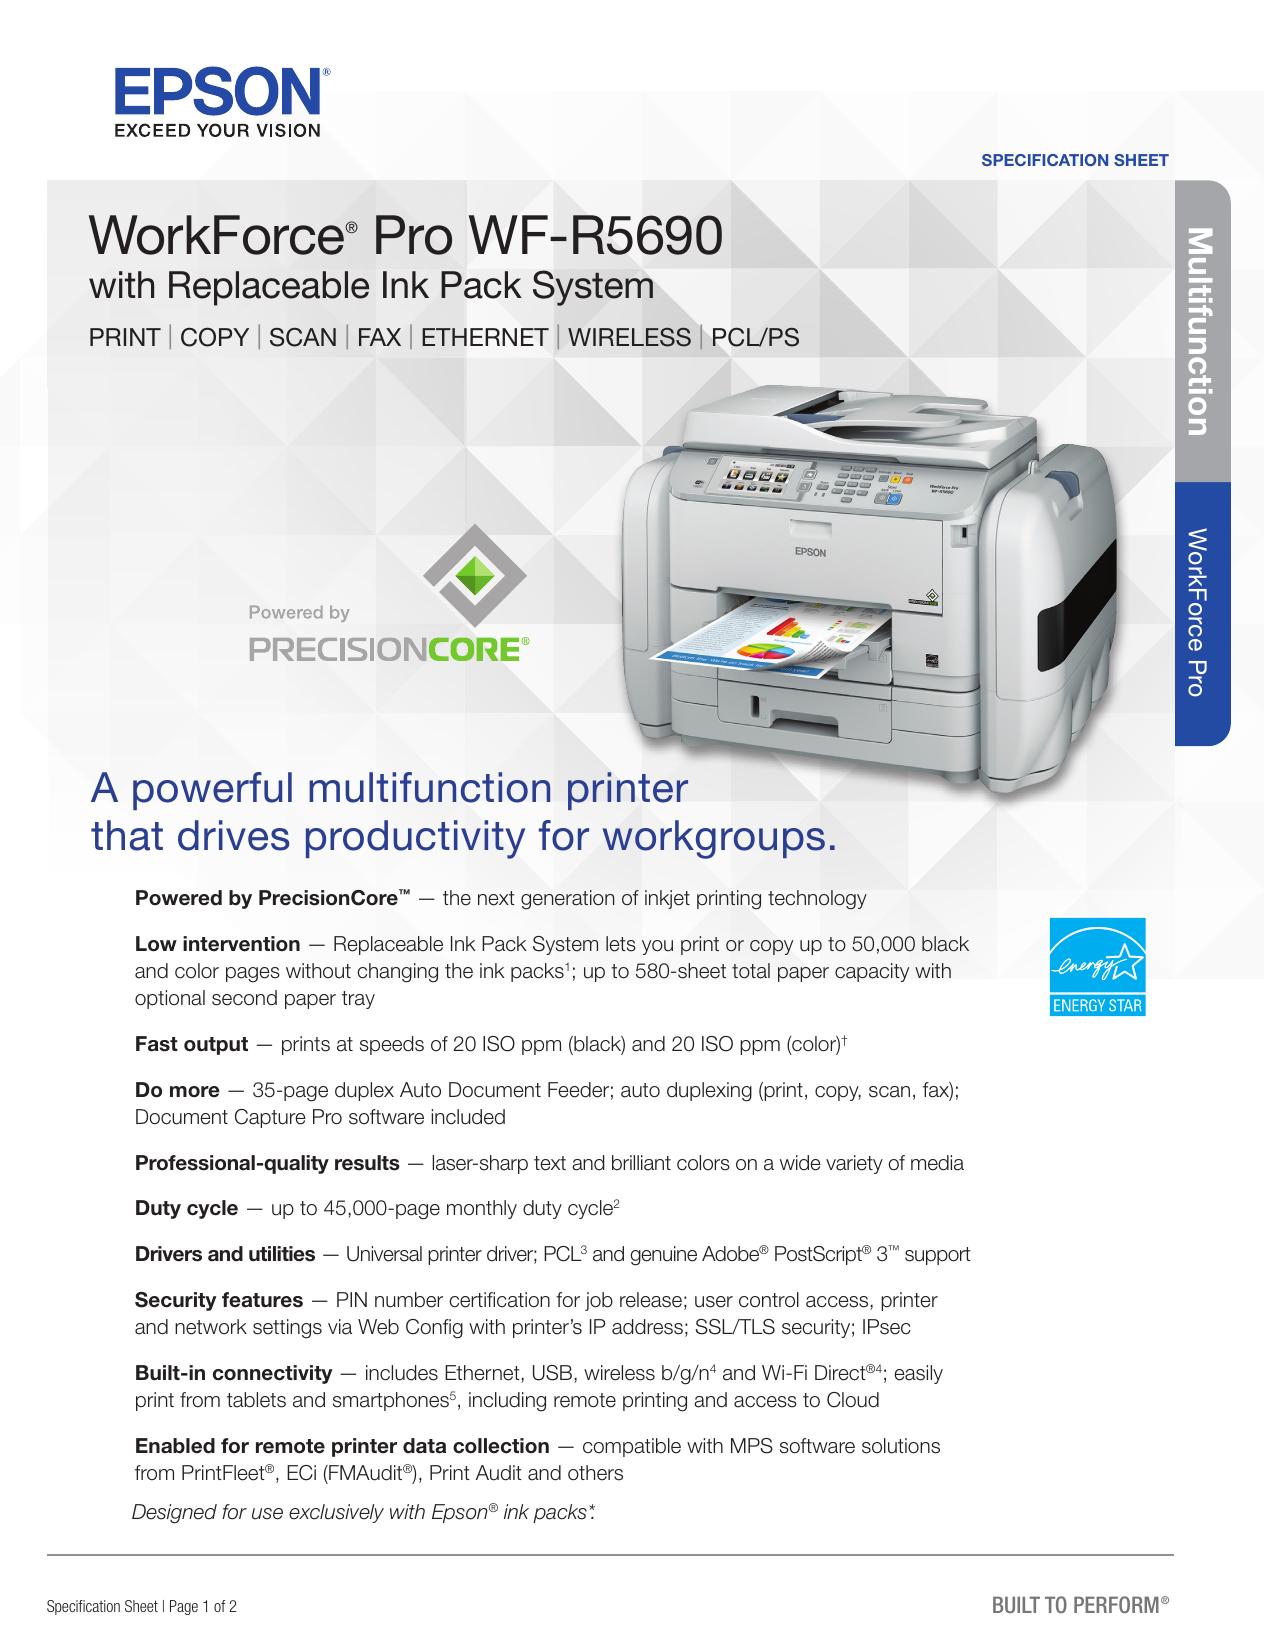 WorkForce® Pro WF-R5690 - CNET Content Solutions | manualzz com